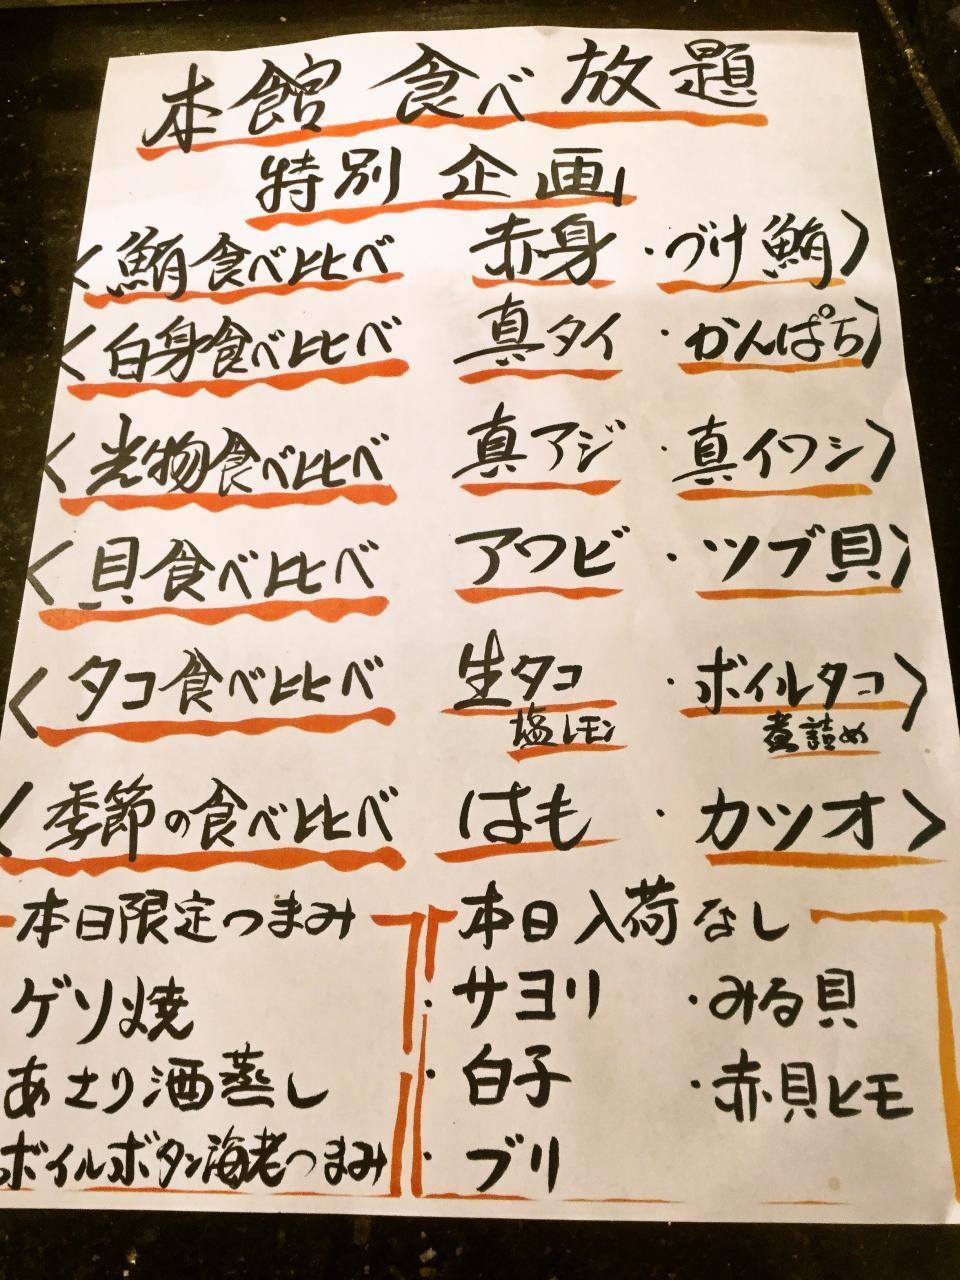 梅丘 寿司の美登利 梅丘本店(食べ放題メニュー)